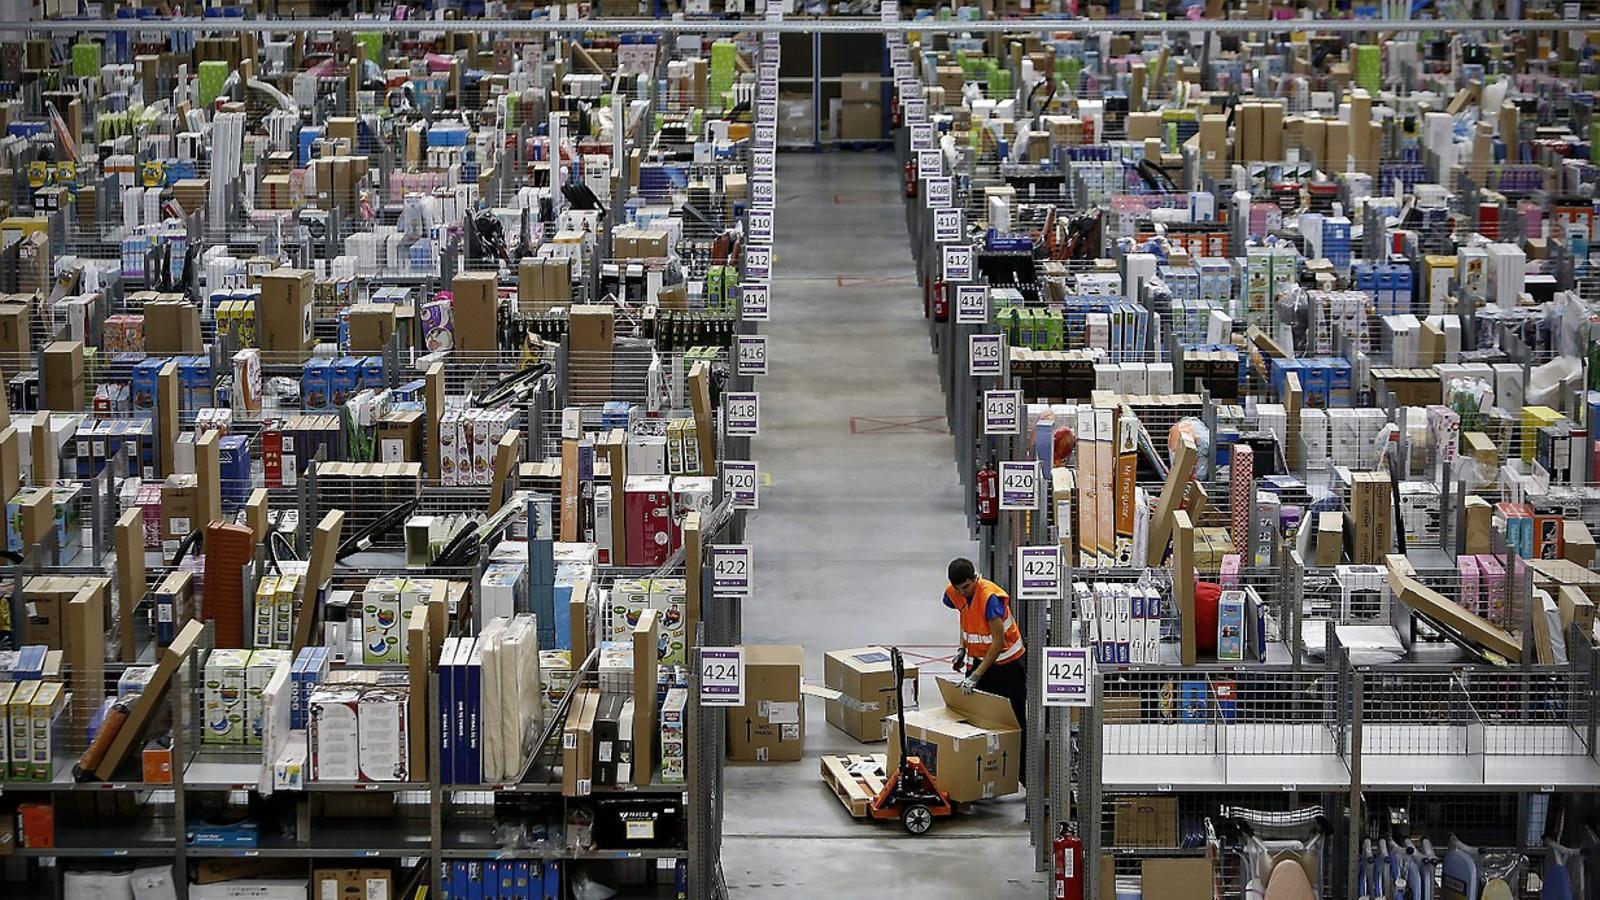 Amazon ja té a Madrid les oficines centrals a Espanya i un centre logístic.